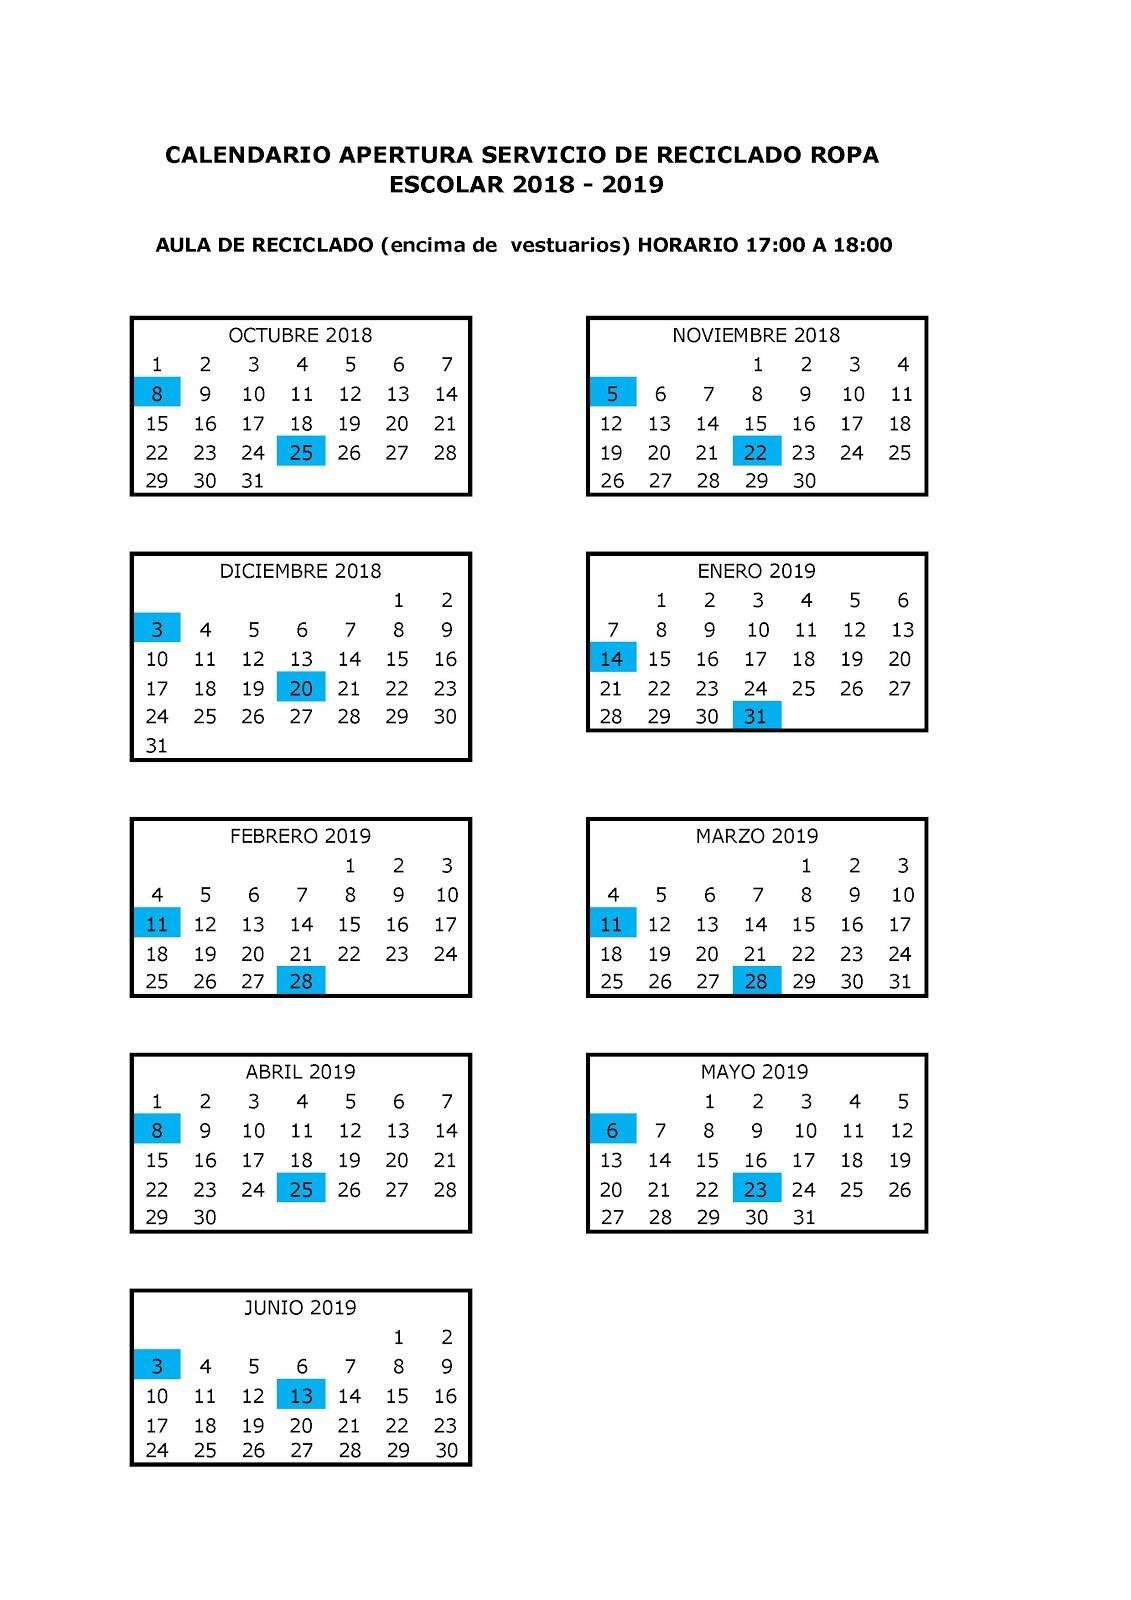 RECICLADO UNIFORMES 2018-2019